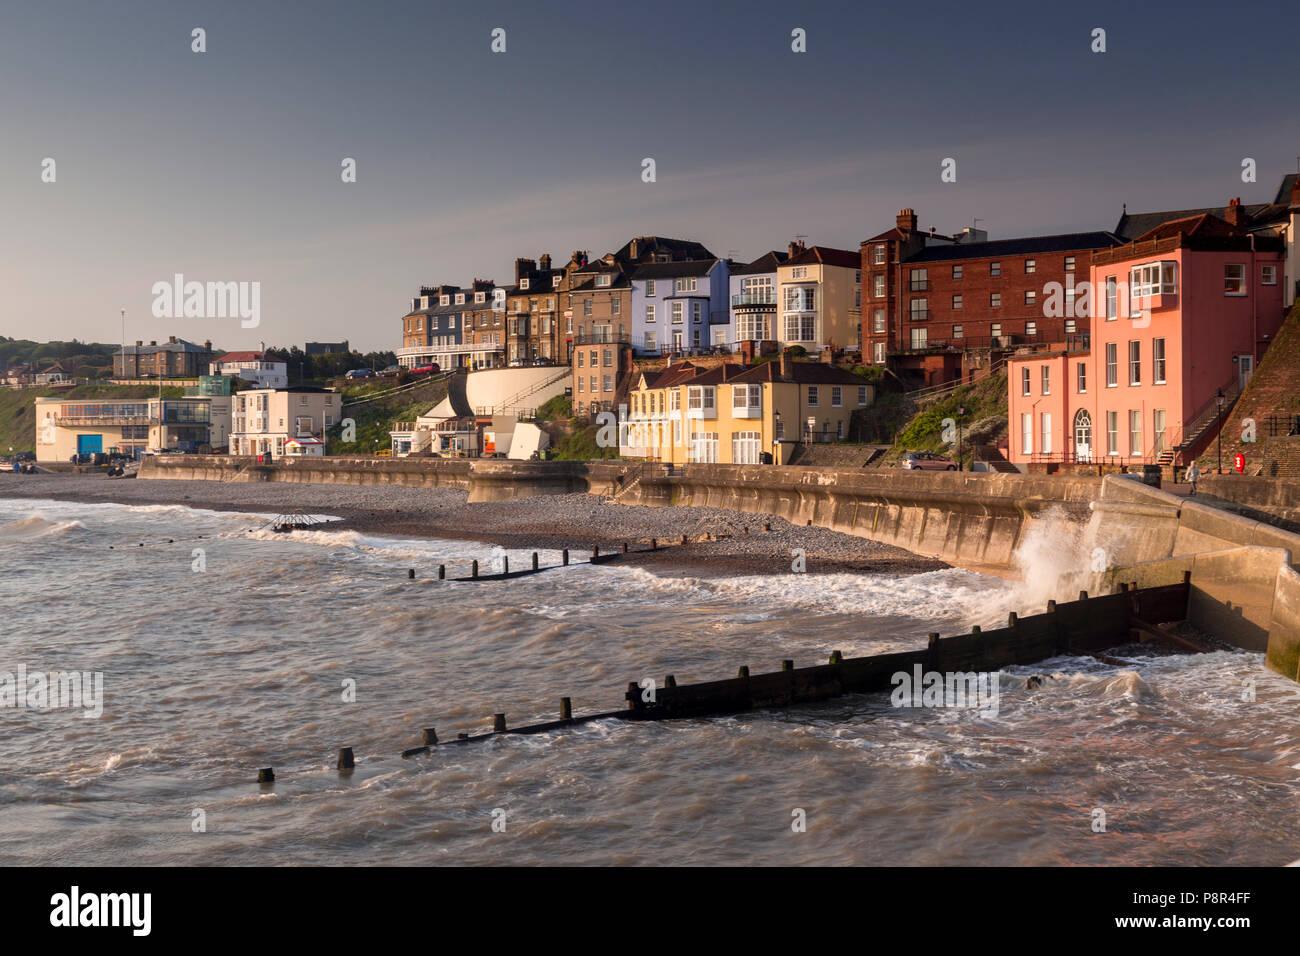 Cromer seafront, Norfolk coast, England - Stock Image